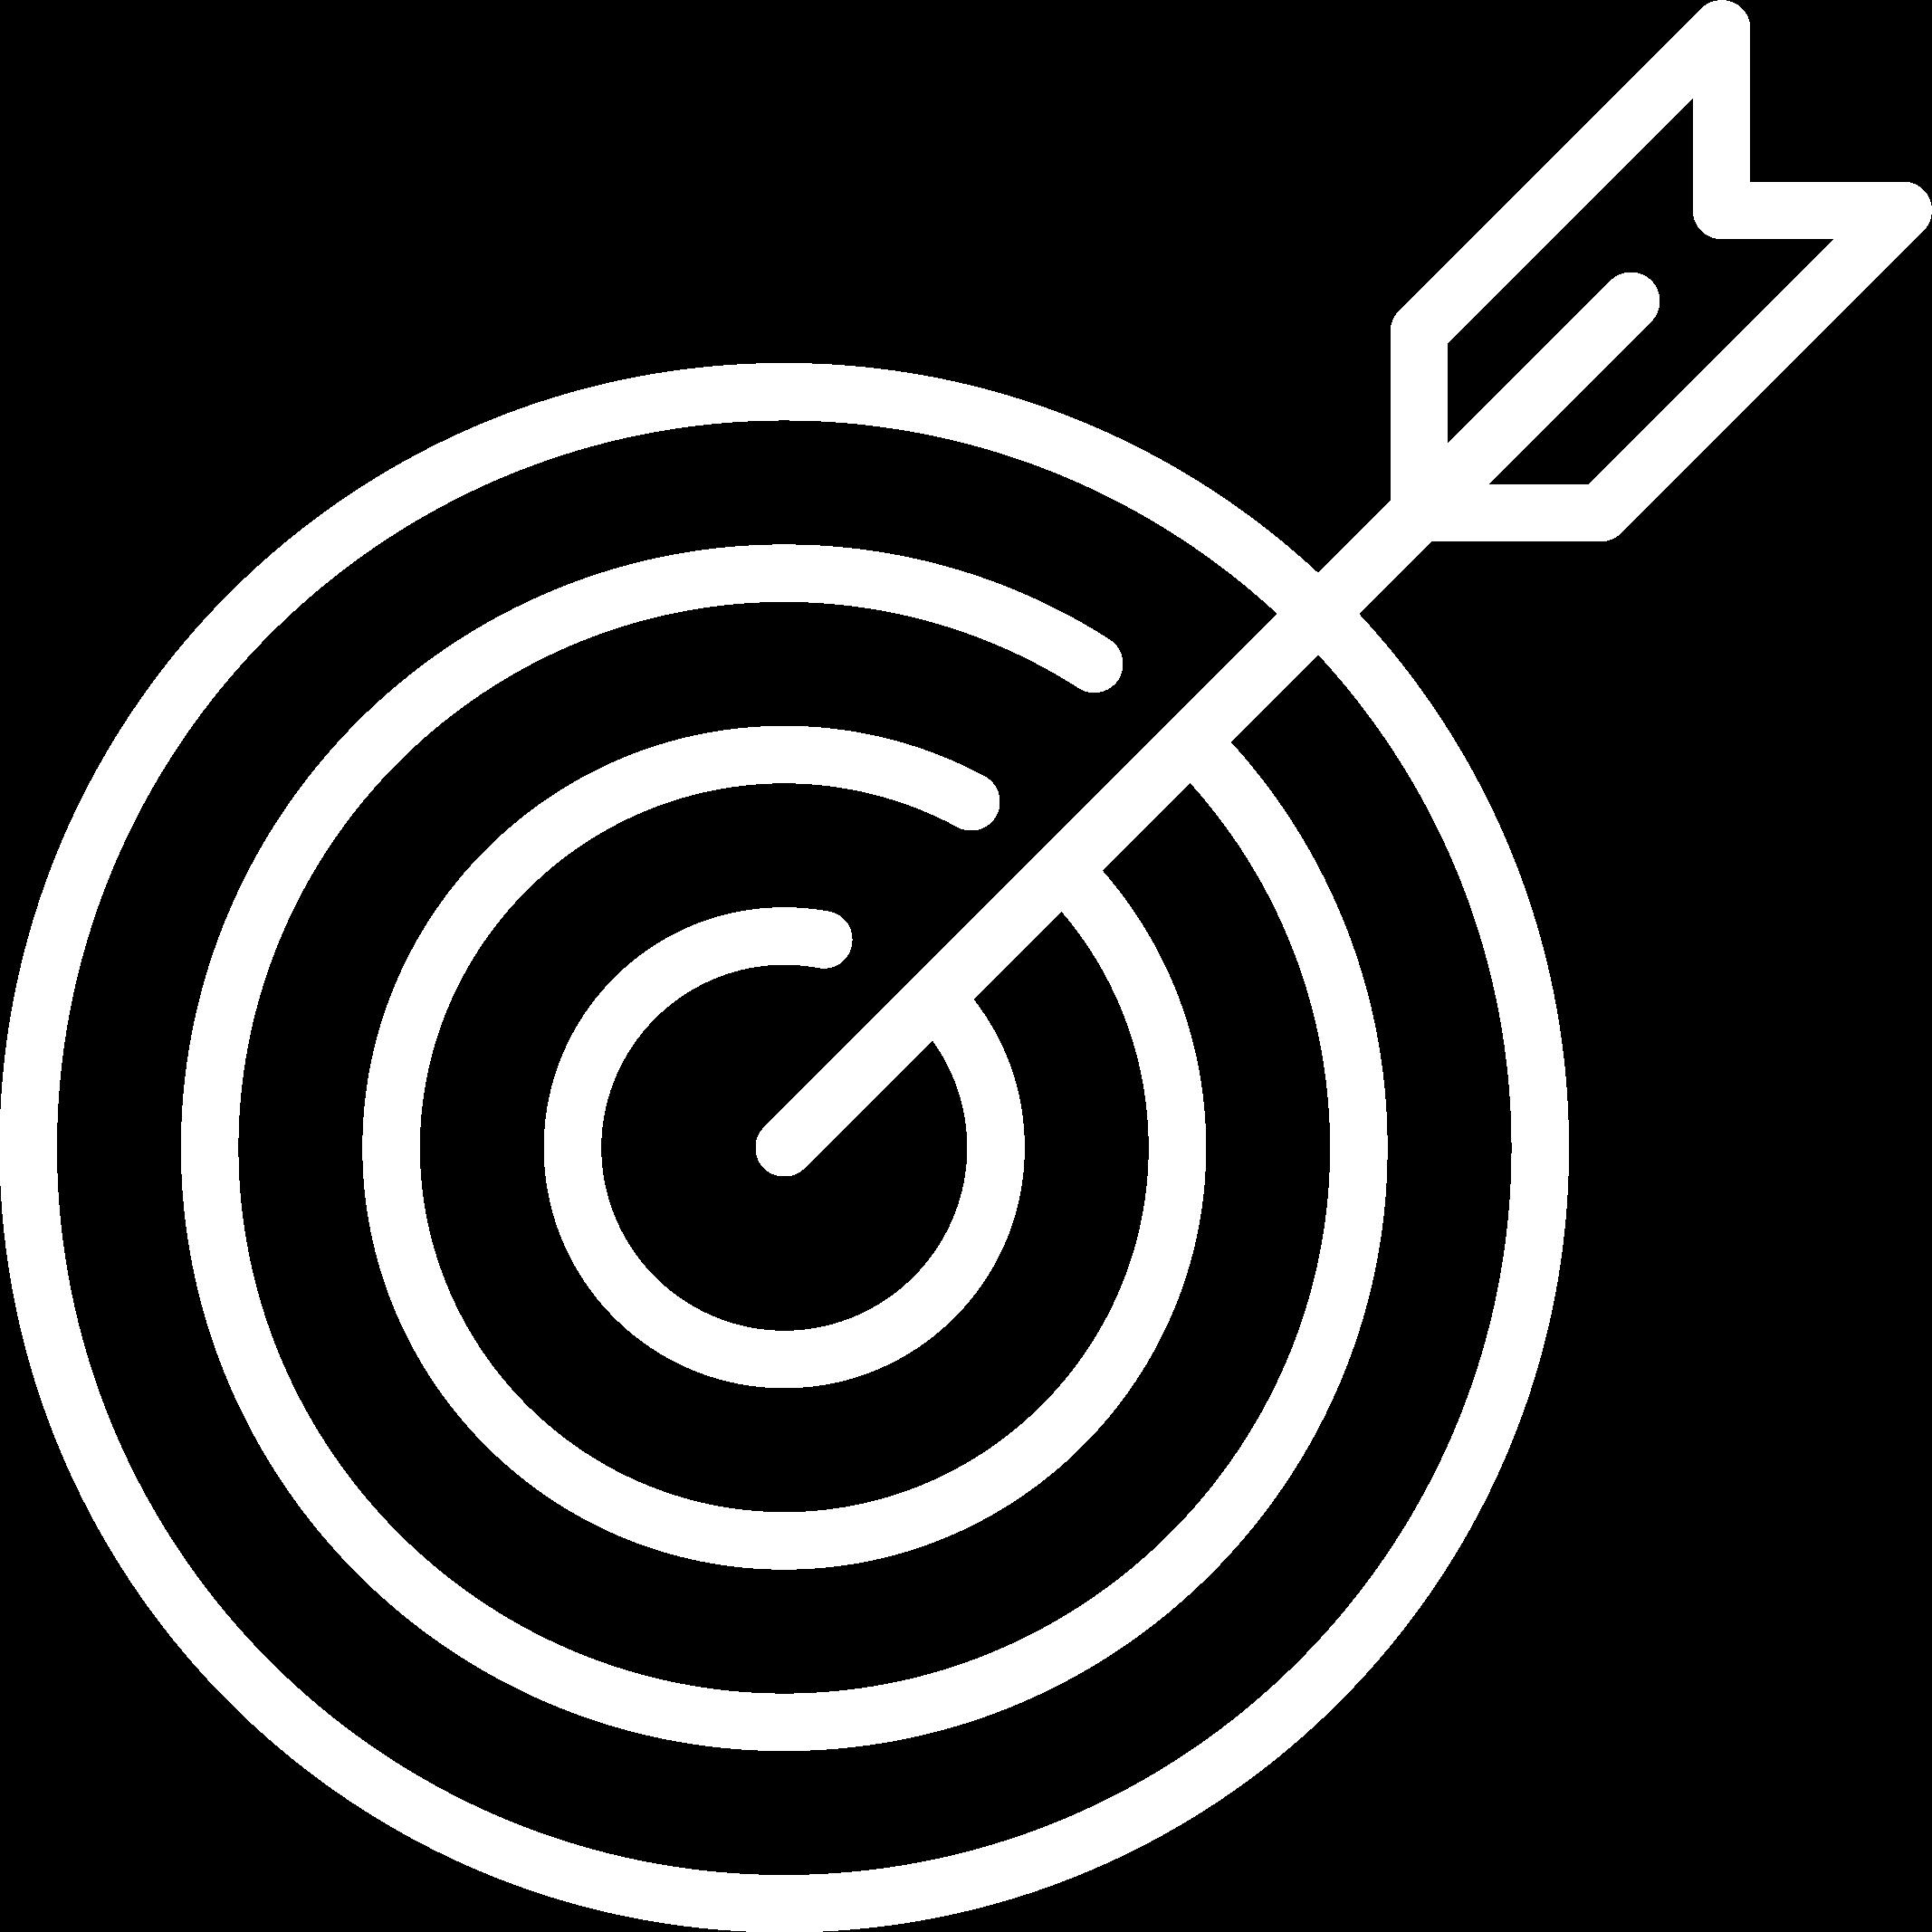 002-target